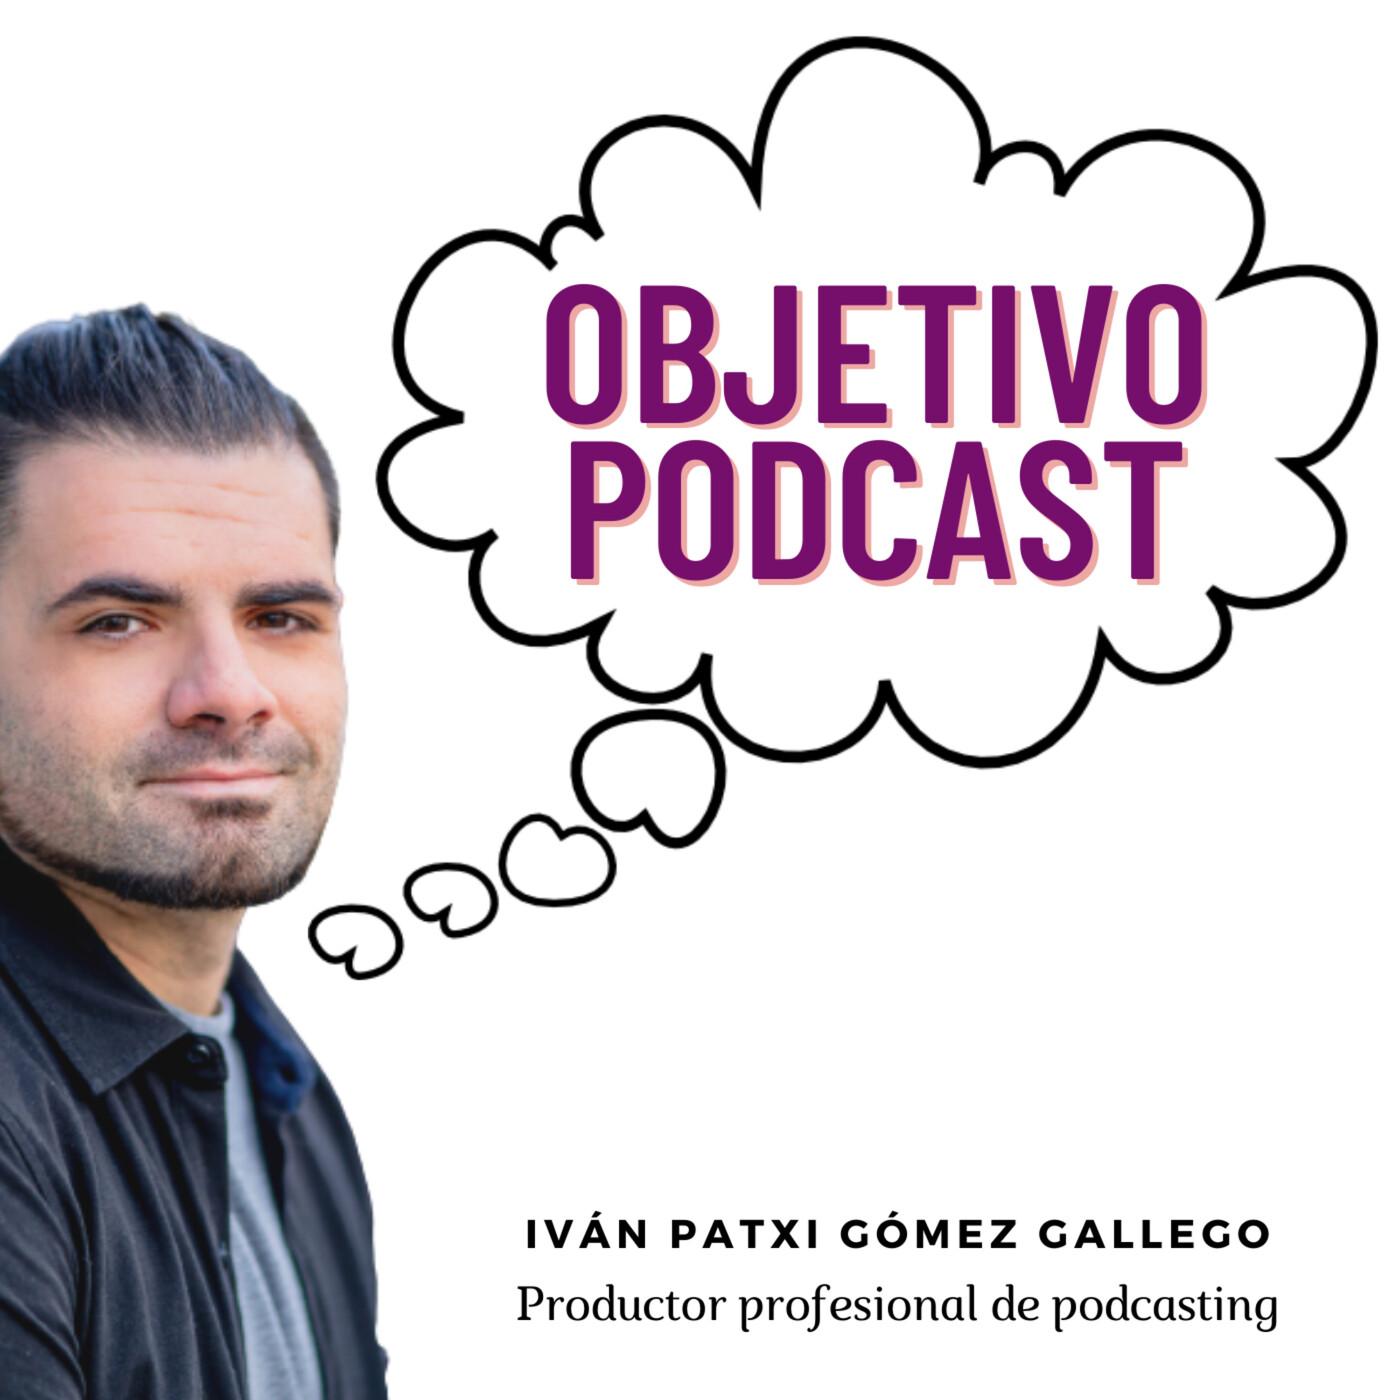 Algunos tips para nuevos podcast narrativos (con ejemplo práctico) en Objetivo Podcast